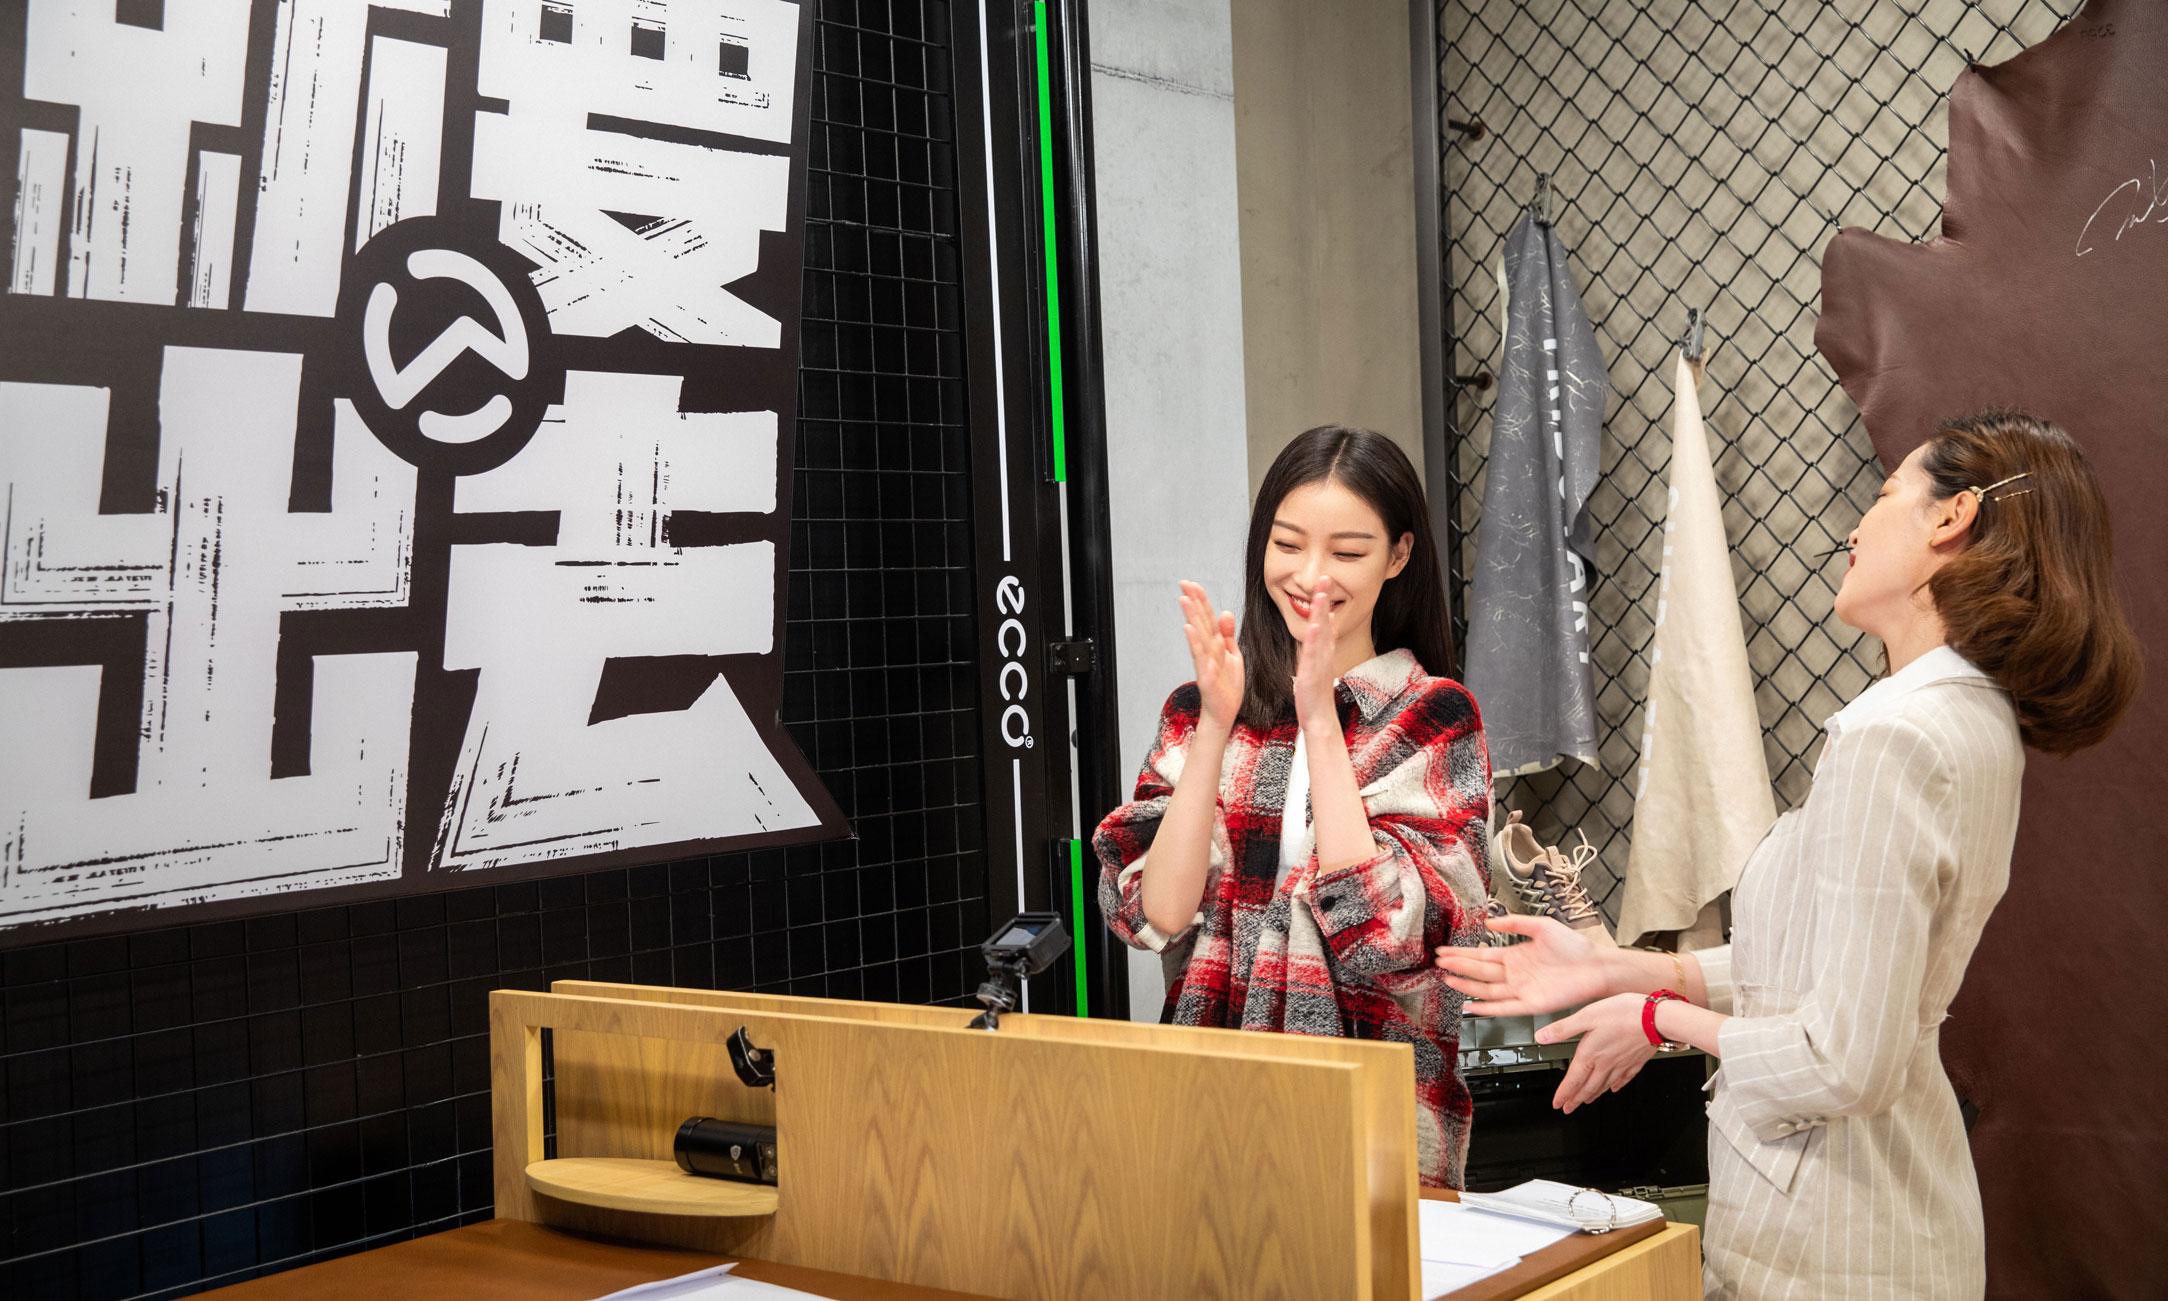 ECCO 携手黄景瑜、倪妮首次直播玩转秋冬新品